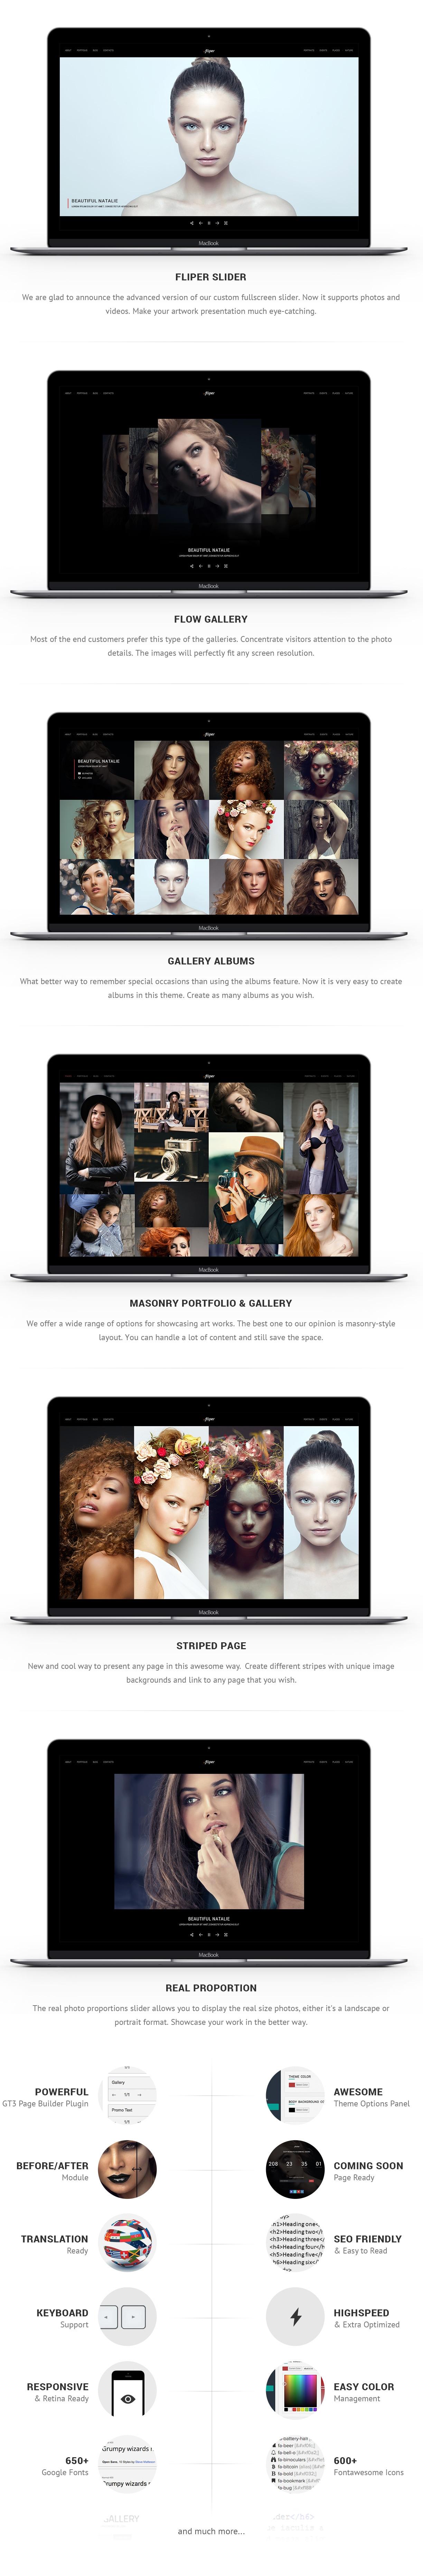 Photo Fullscreen WordPress Theme - Fliper - 1